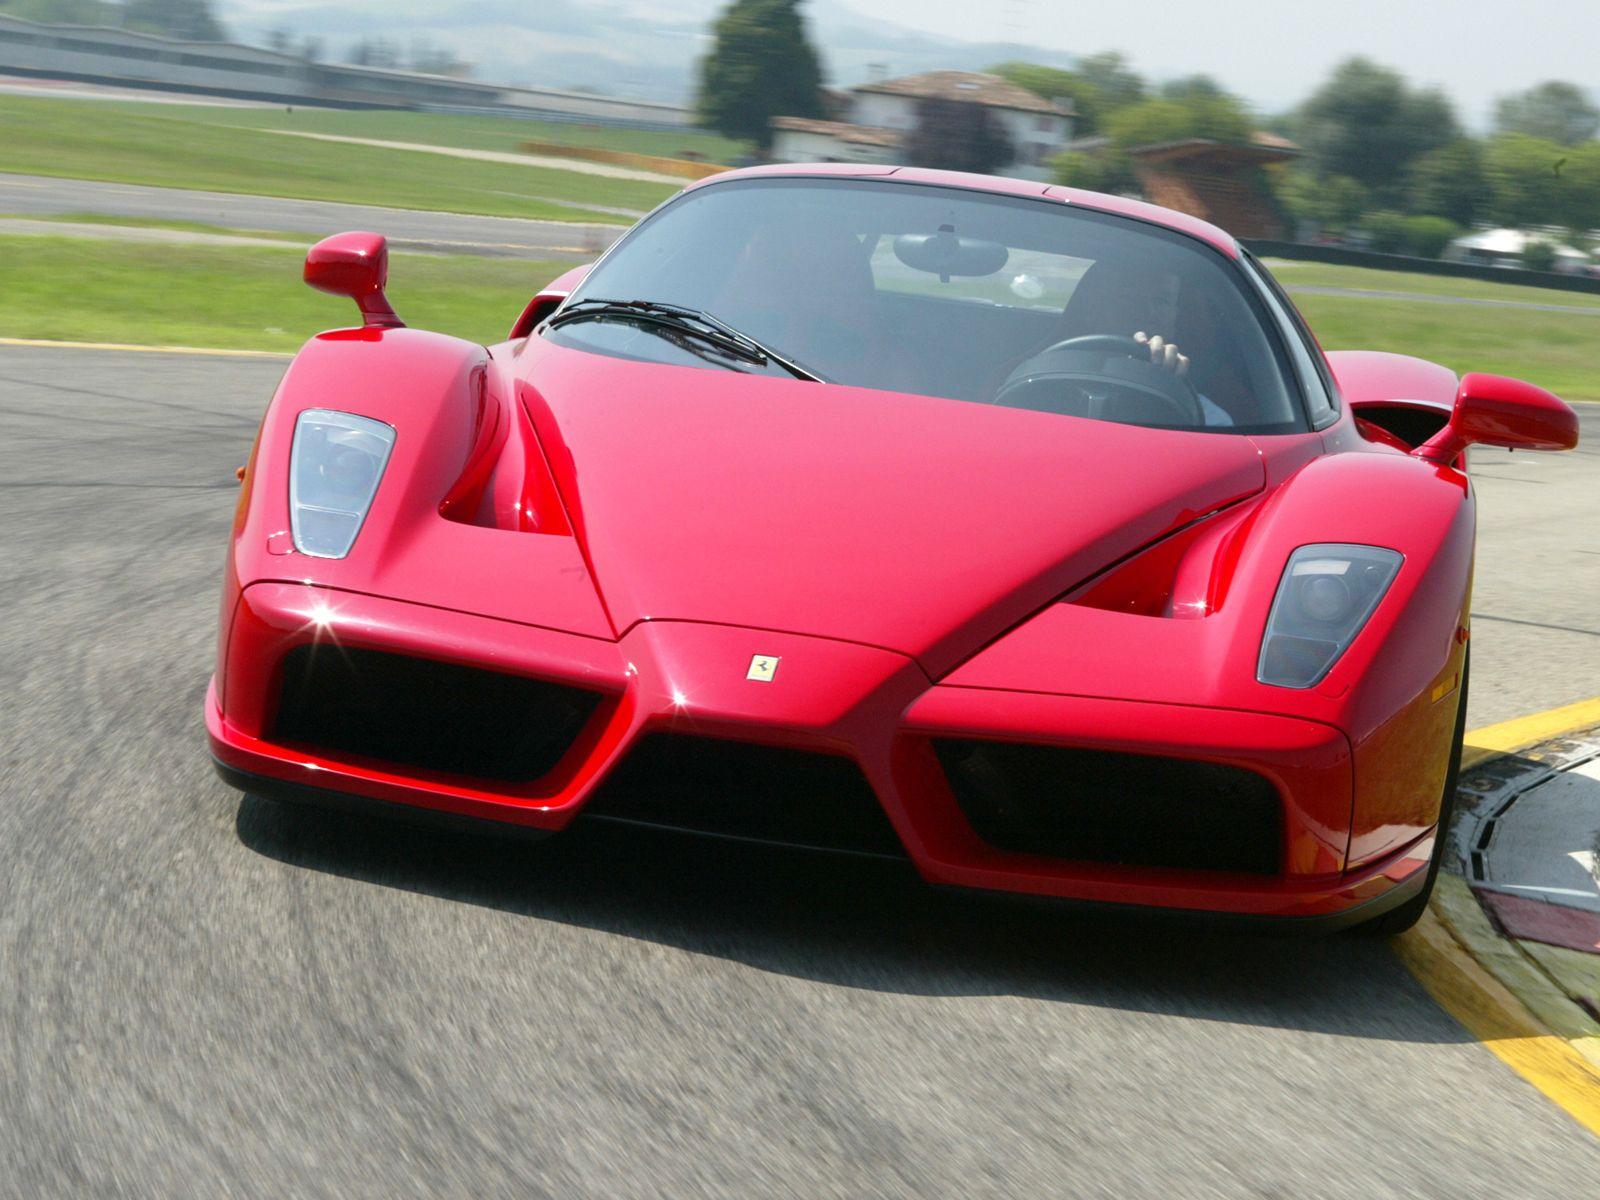 My Car Ferrari Quot Wallpapers And Photos Auto Ferrari